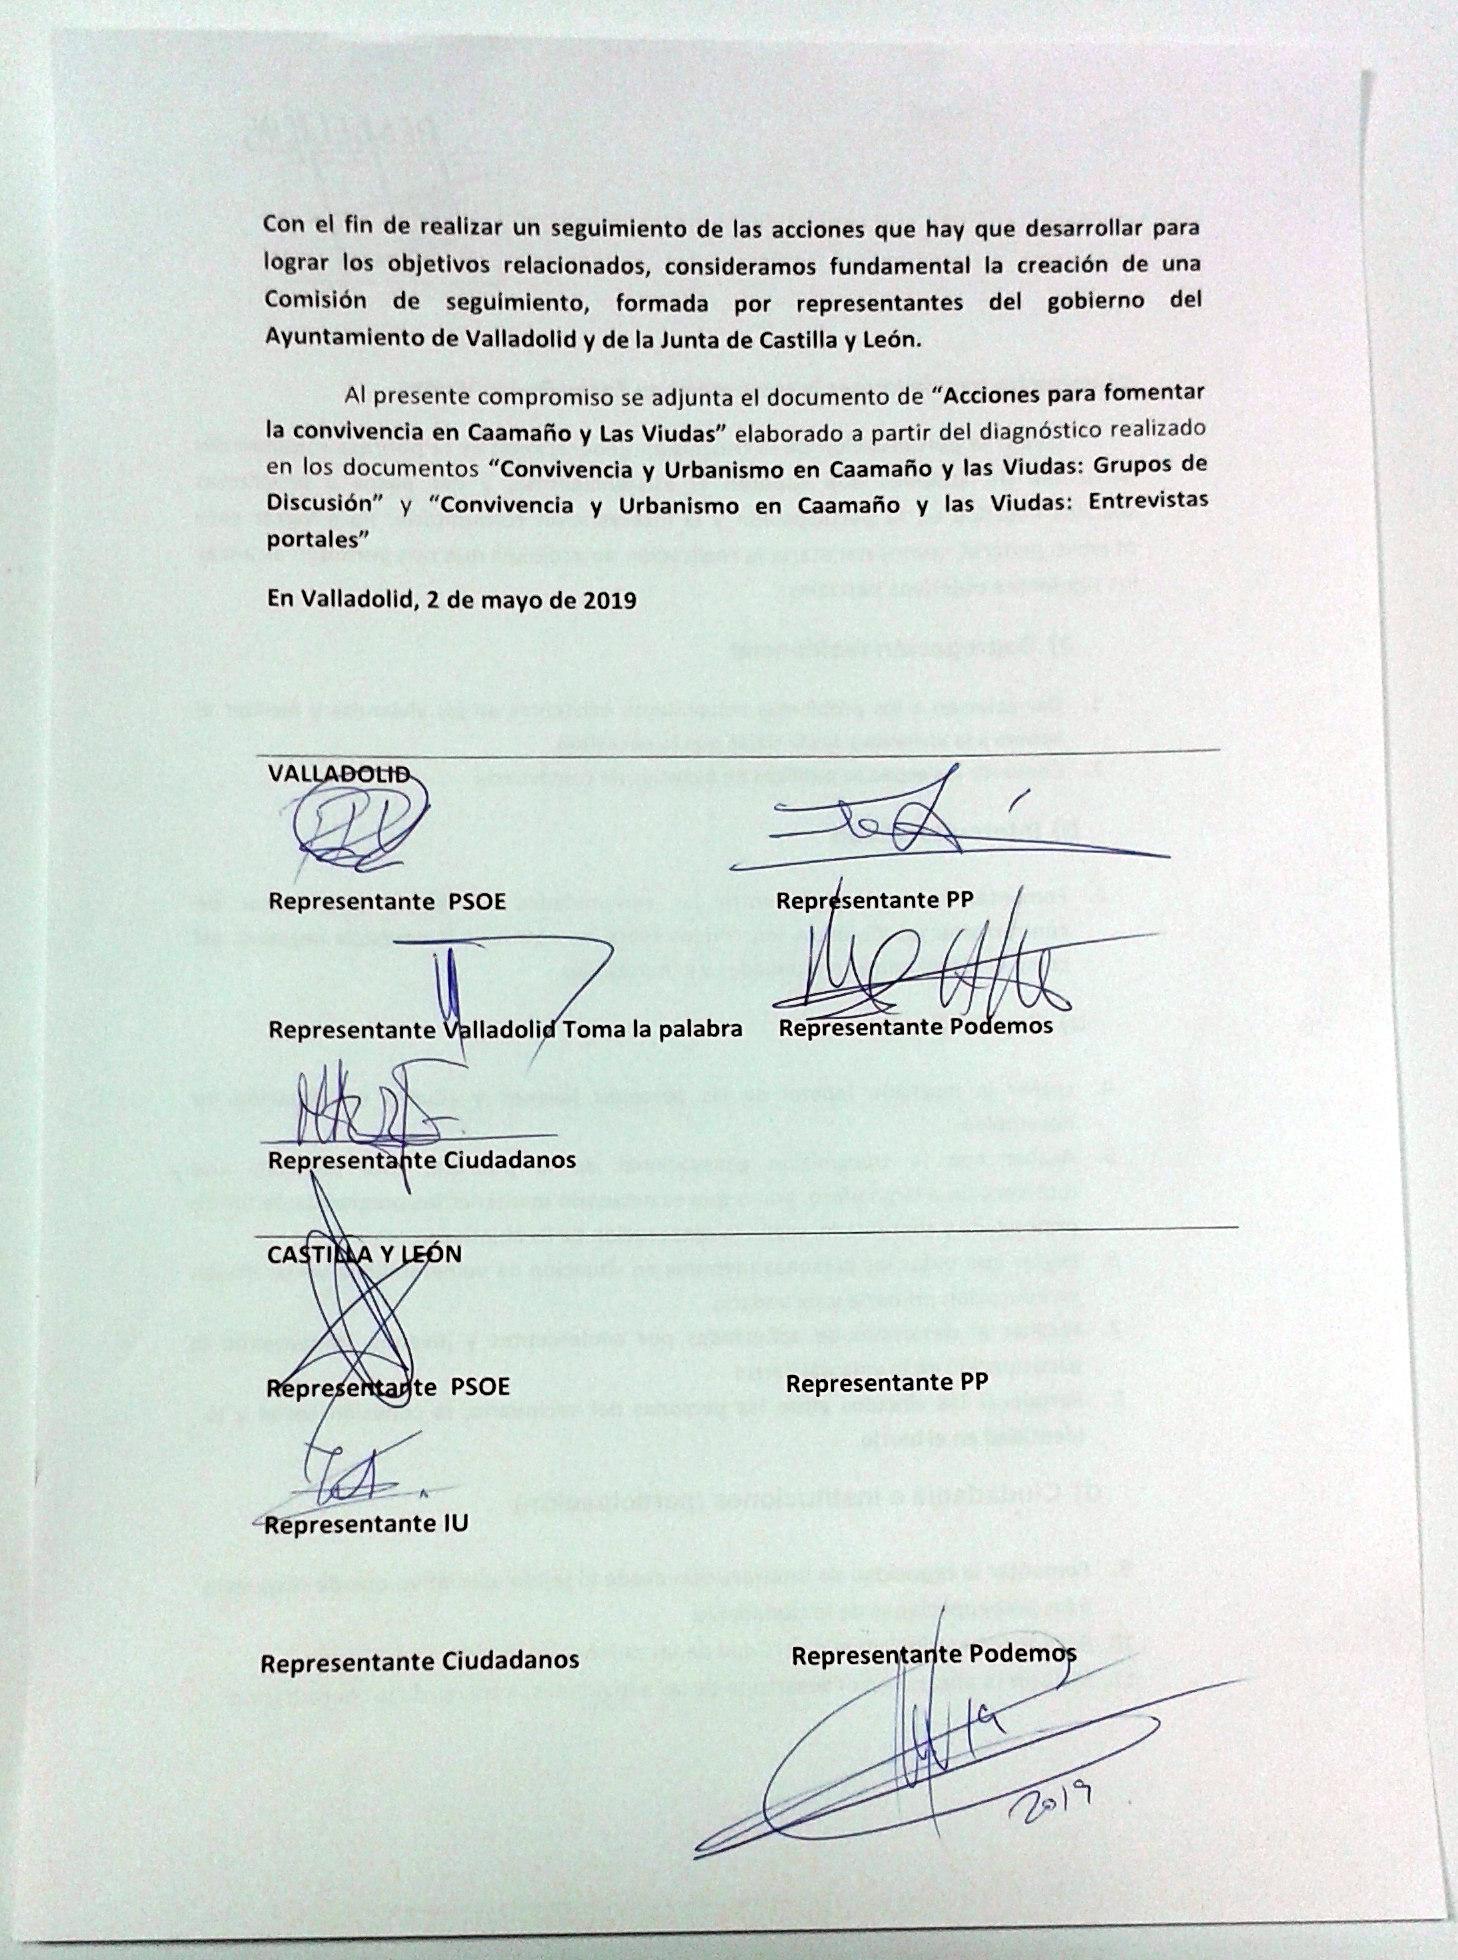 foto clase política del compromiso de los políticos con las propuestas de mejora de la zona Caamaño y Las Viudas